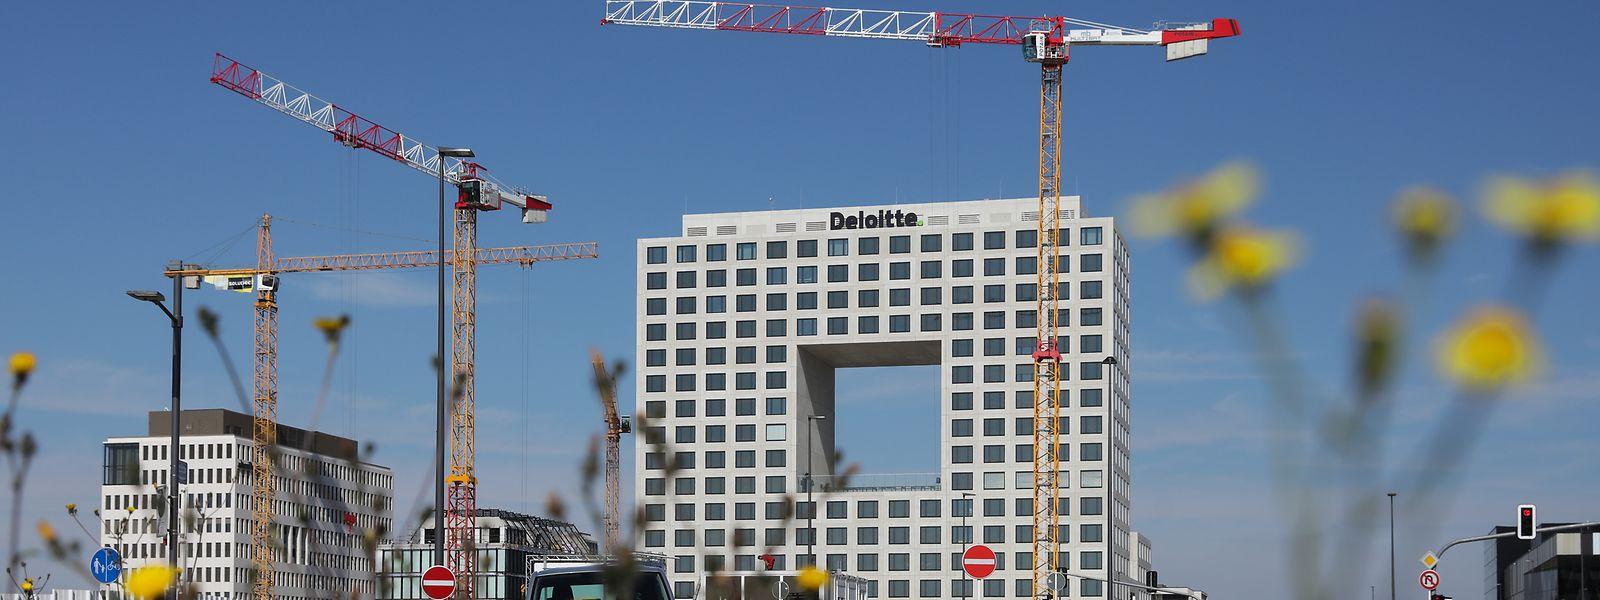 L'originalité du nouveau bâtiment signe l'identité du nouveau quartier de la Cloche d'Or.